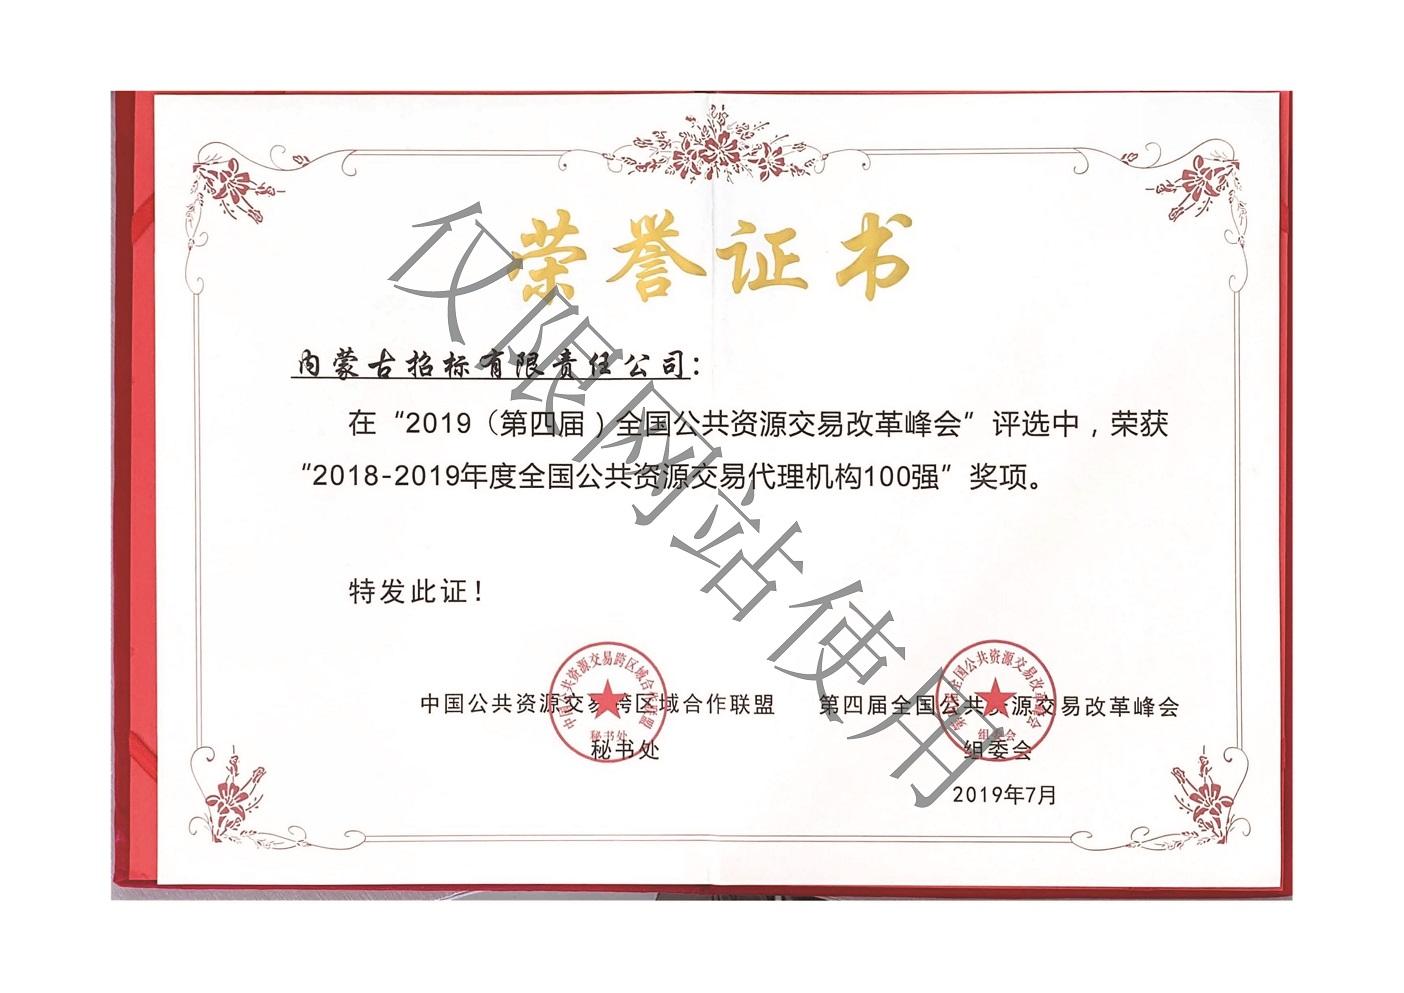 2018-2019年quanguo公gong资yuan交易代liji构100强副本